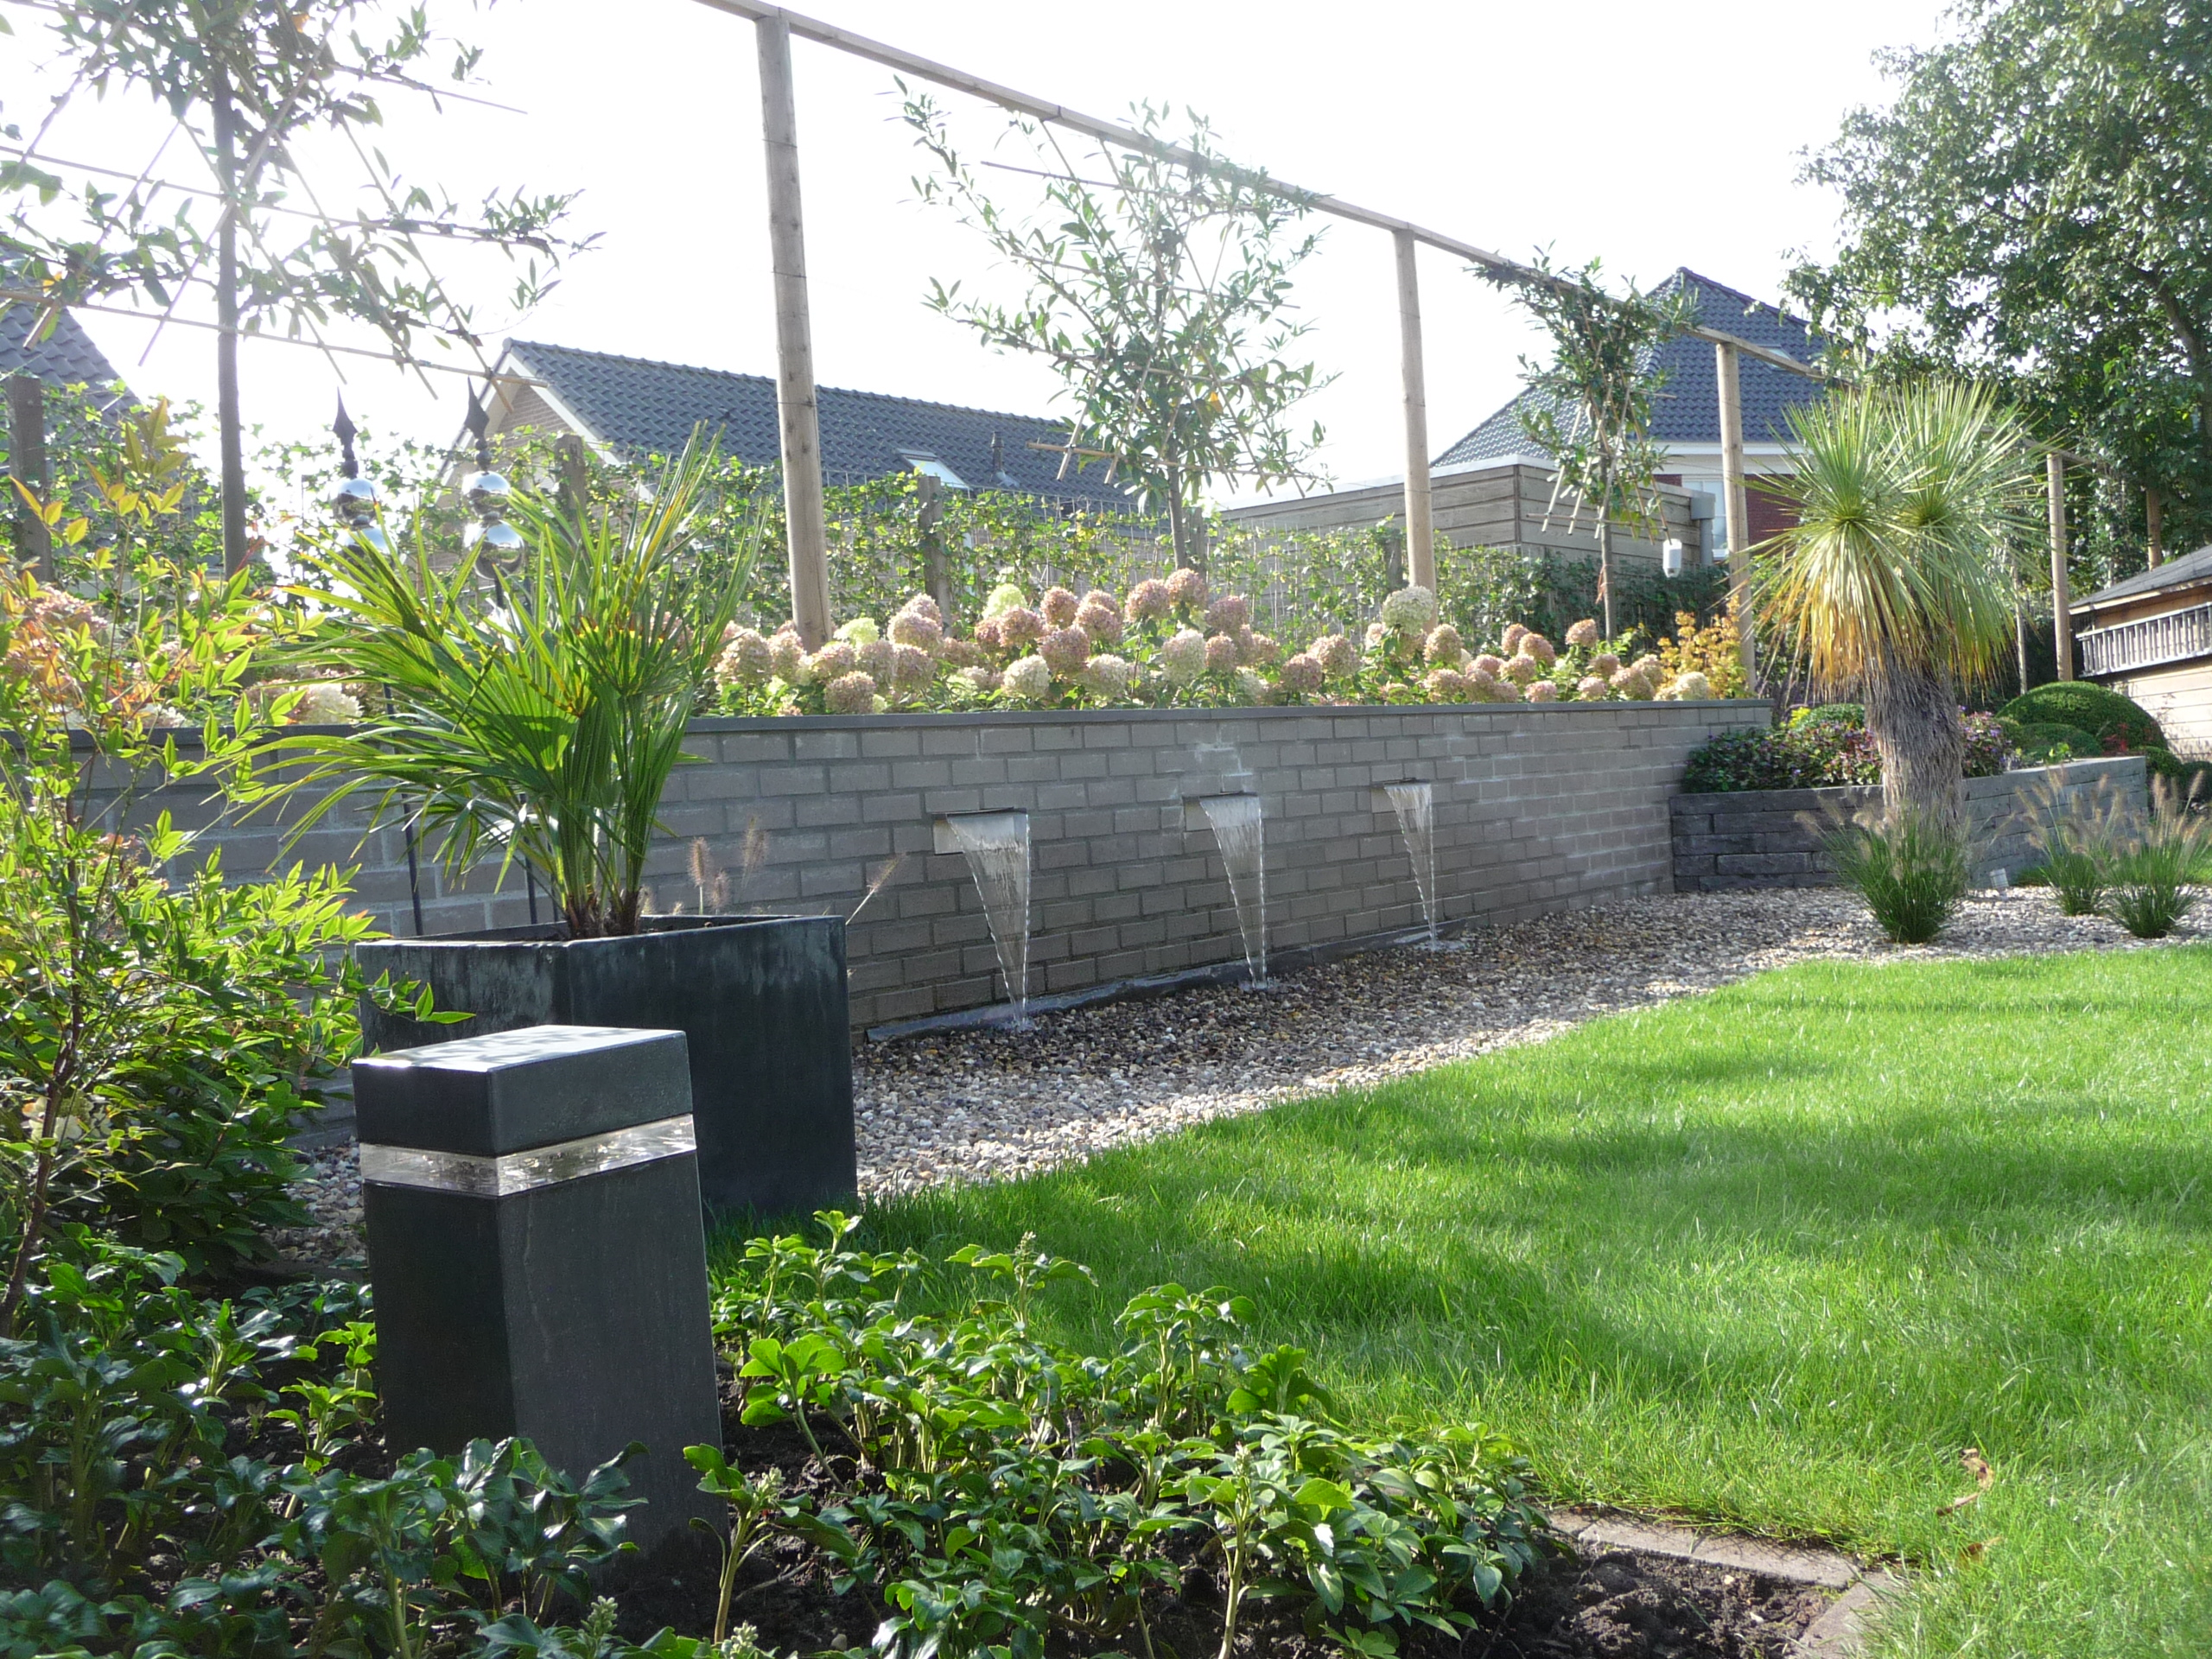 Nieuwe tuin beplanten for Tuin beplanten